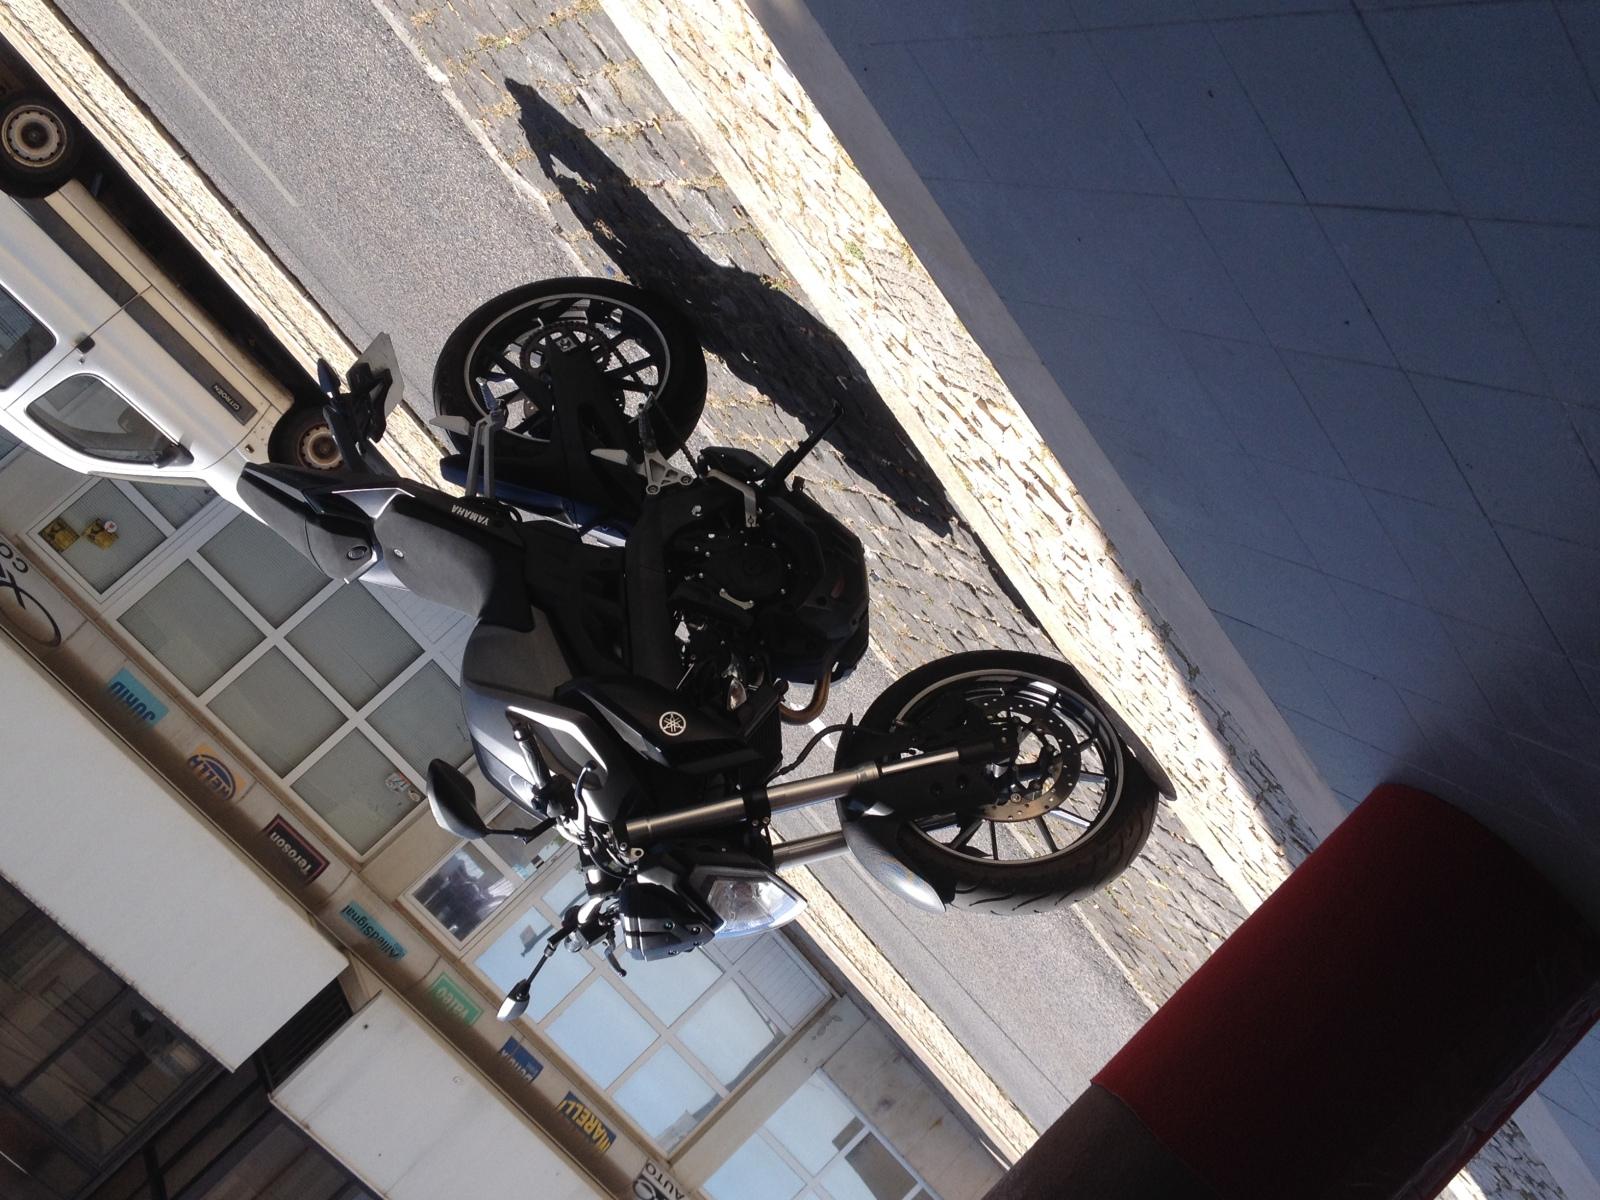 yamaha mt-125 2i8hob9